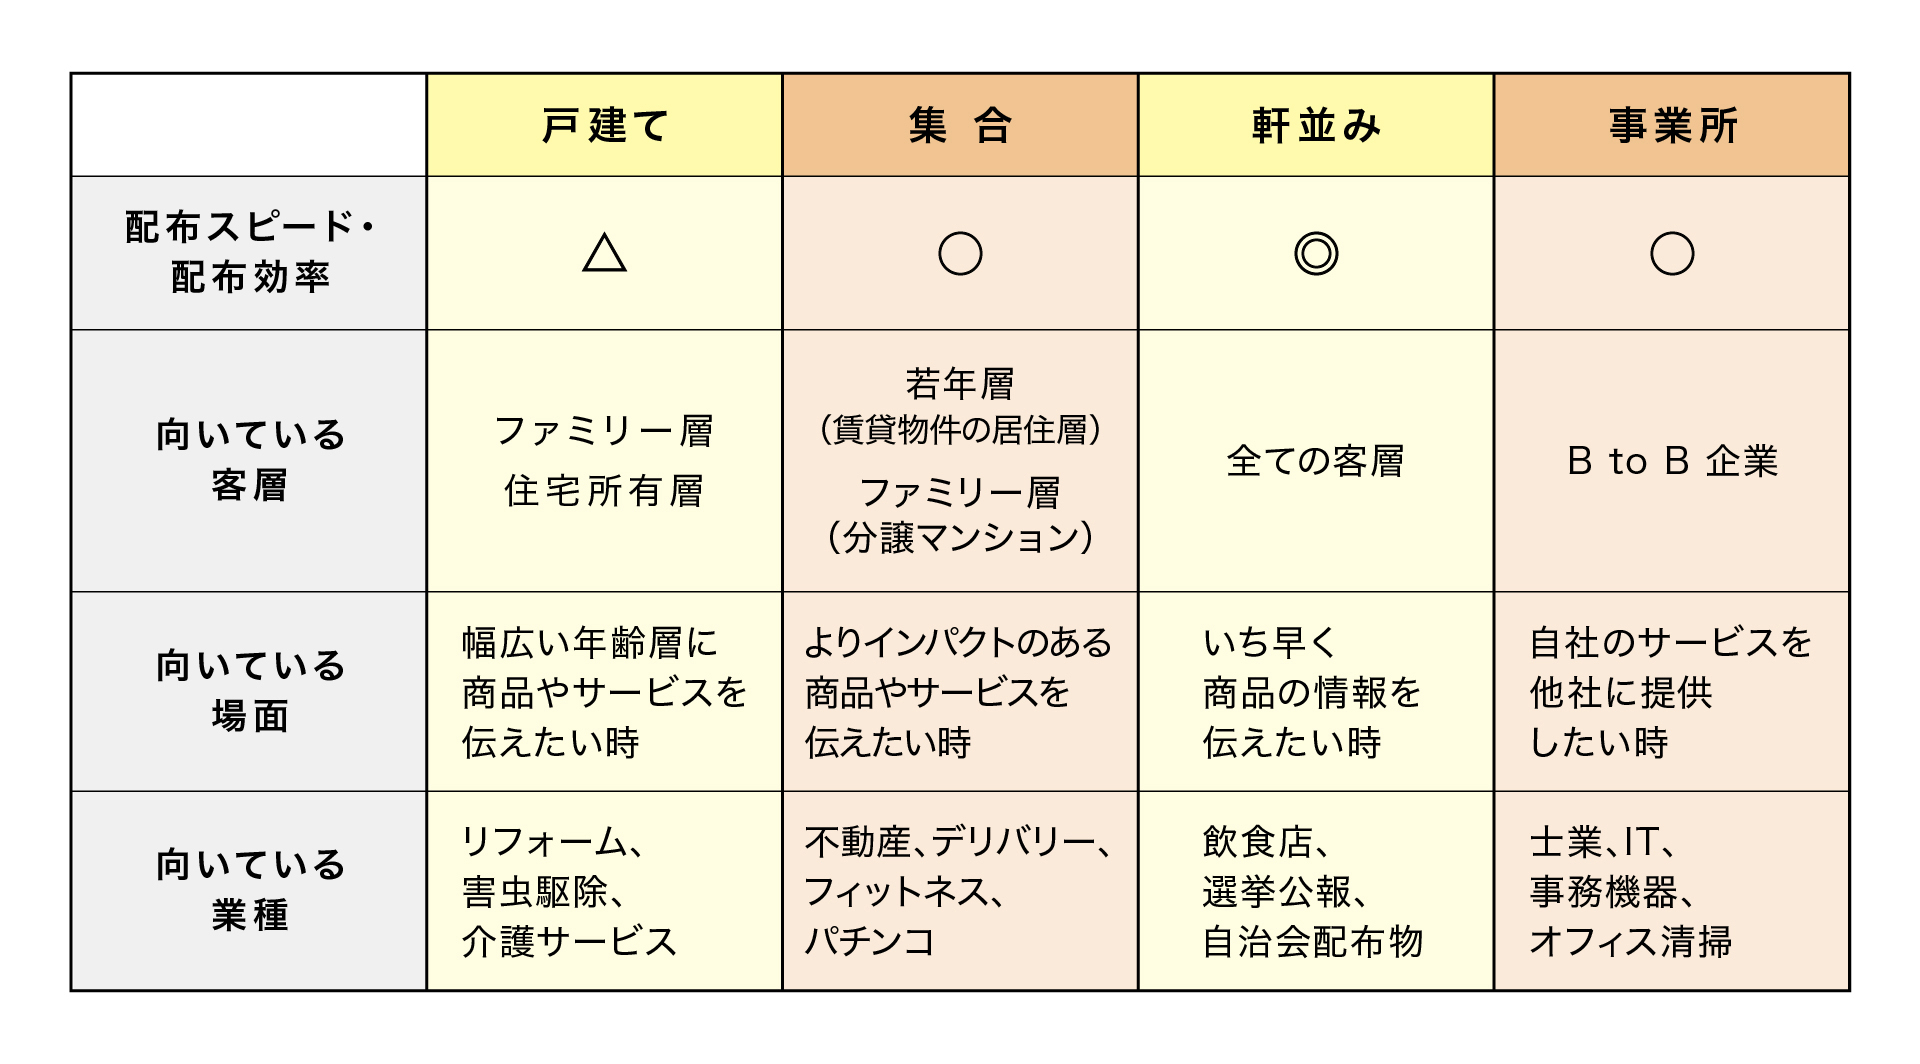 ポスティング種類 比較表